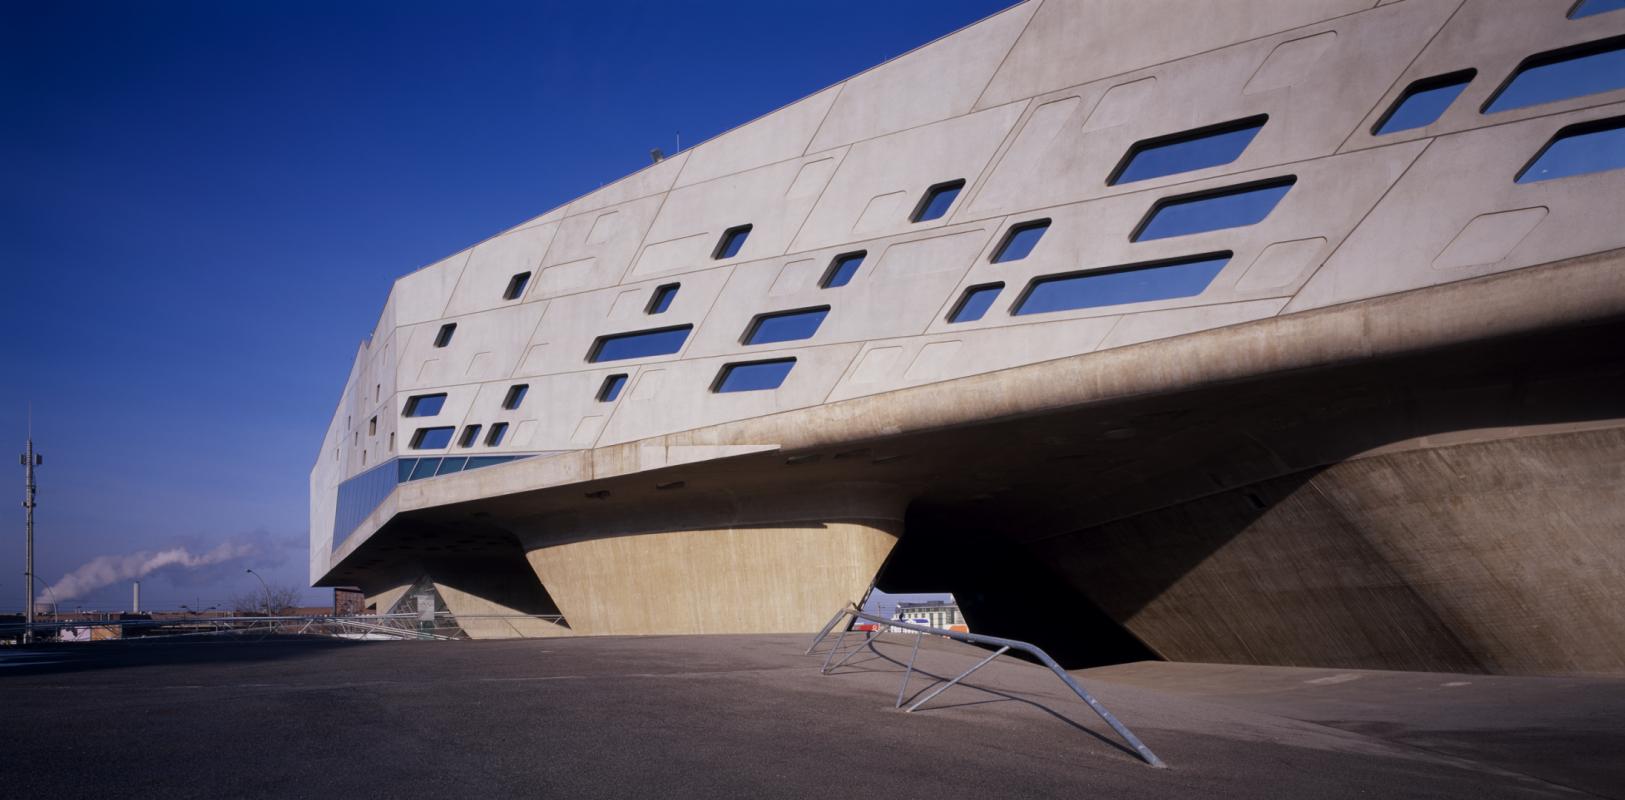 Zaha Hadid. Science Center Phaeno